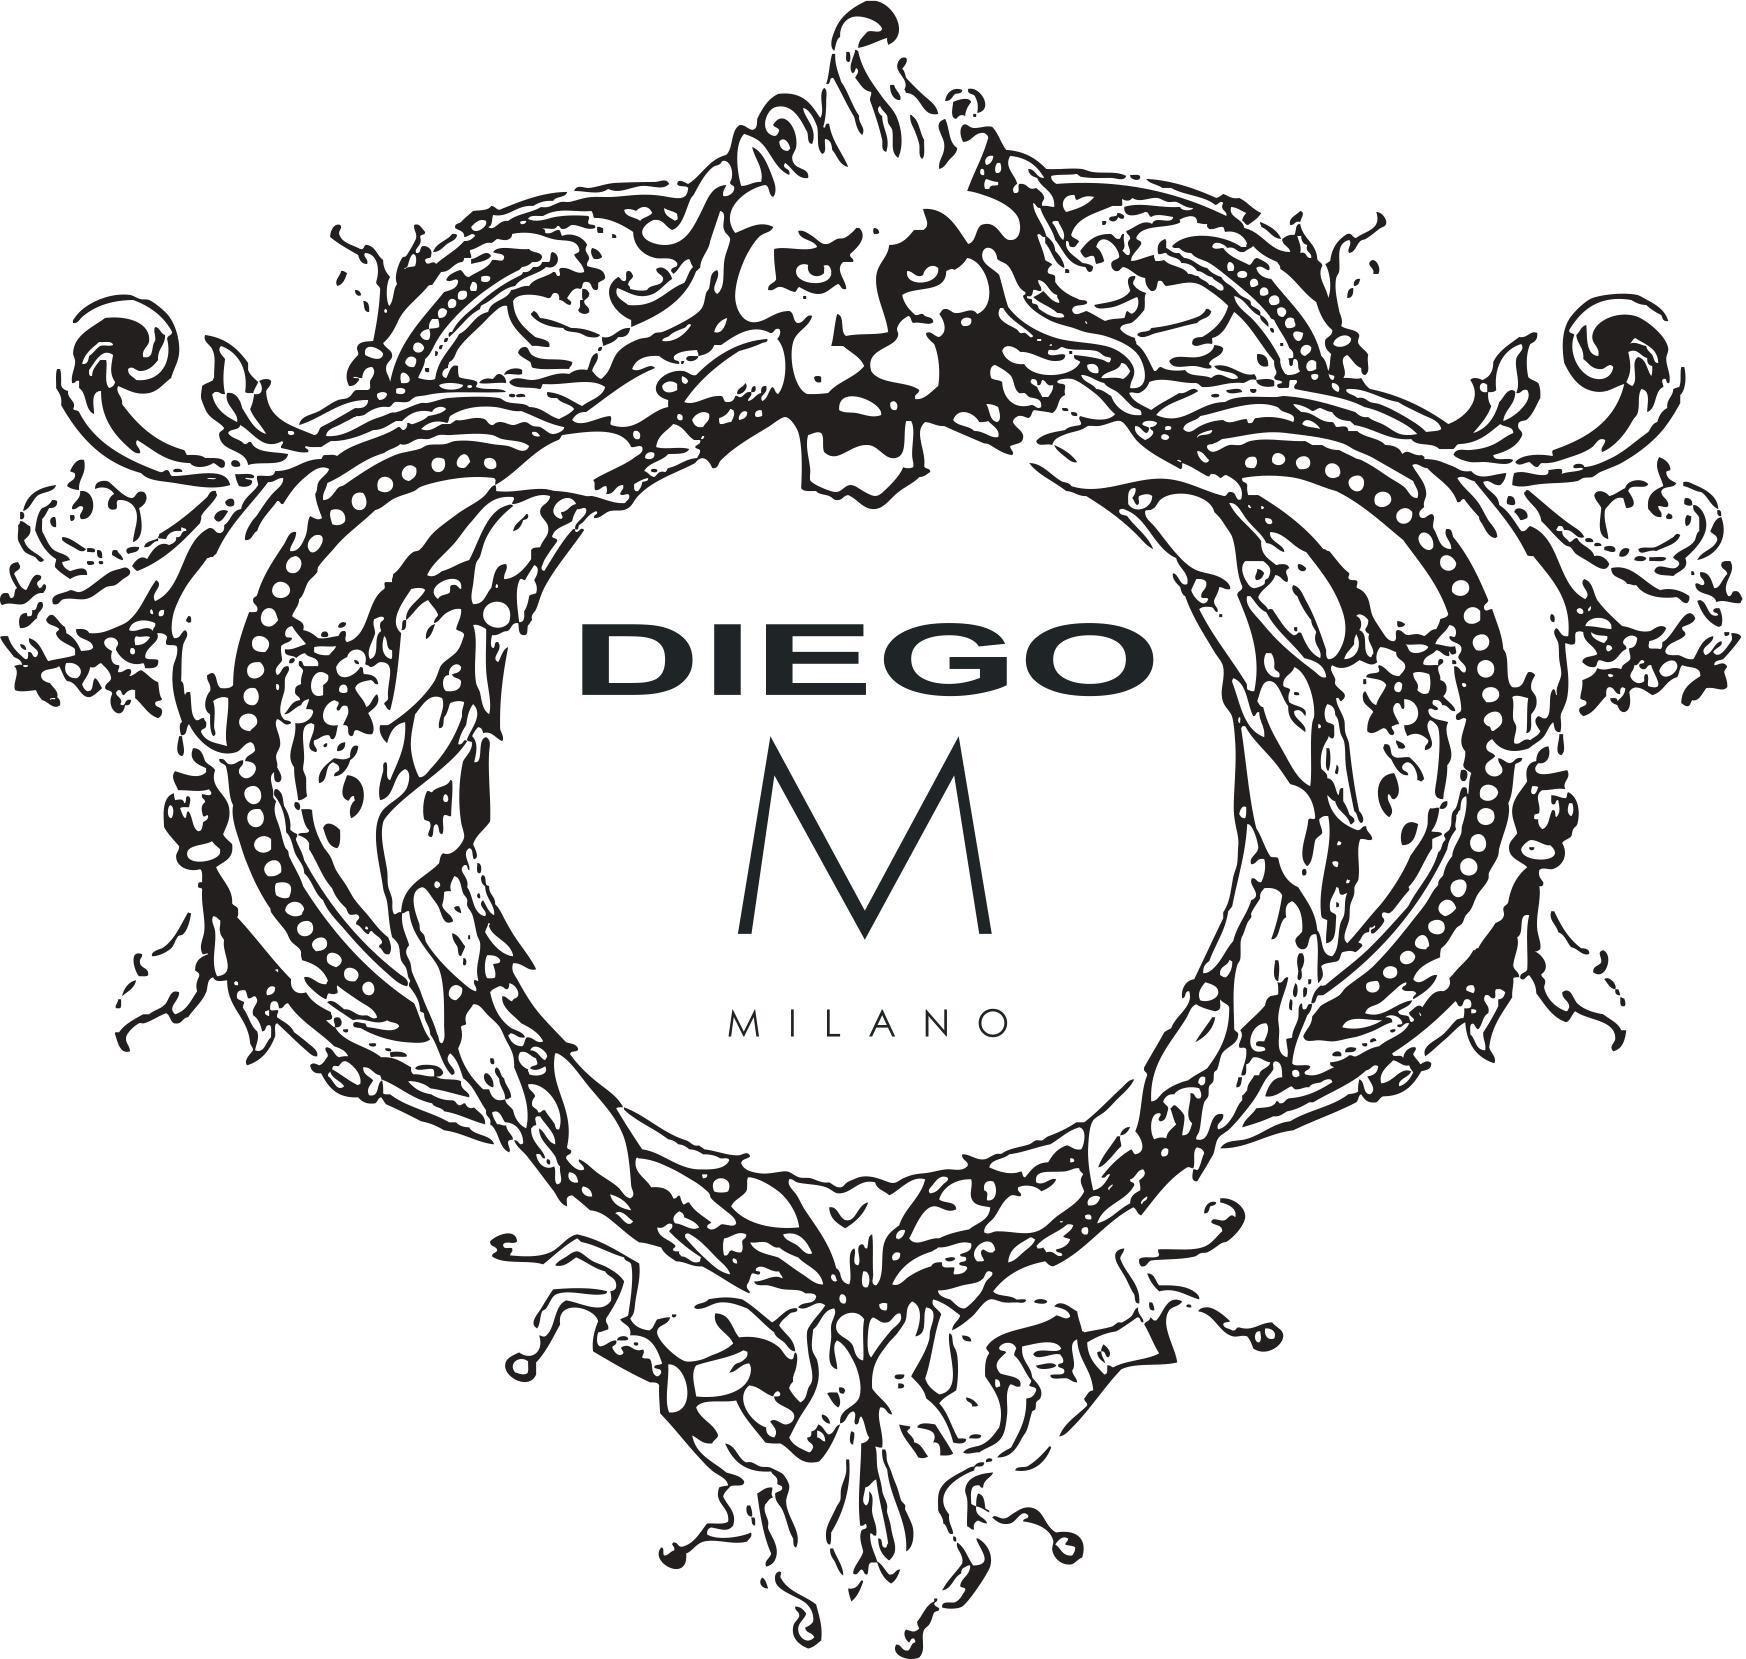 DIEGO M W FASHION AGENCY ALIGANZA